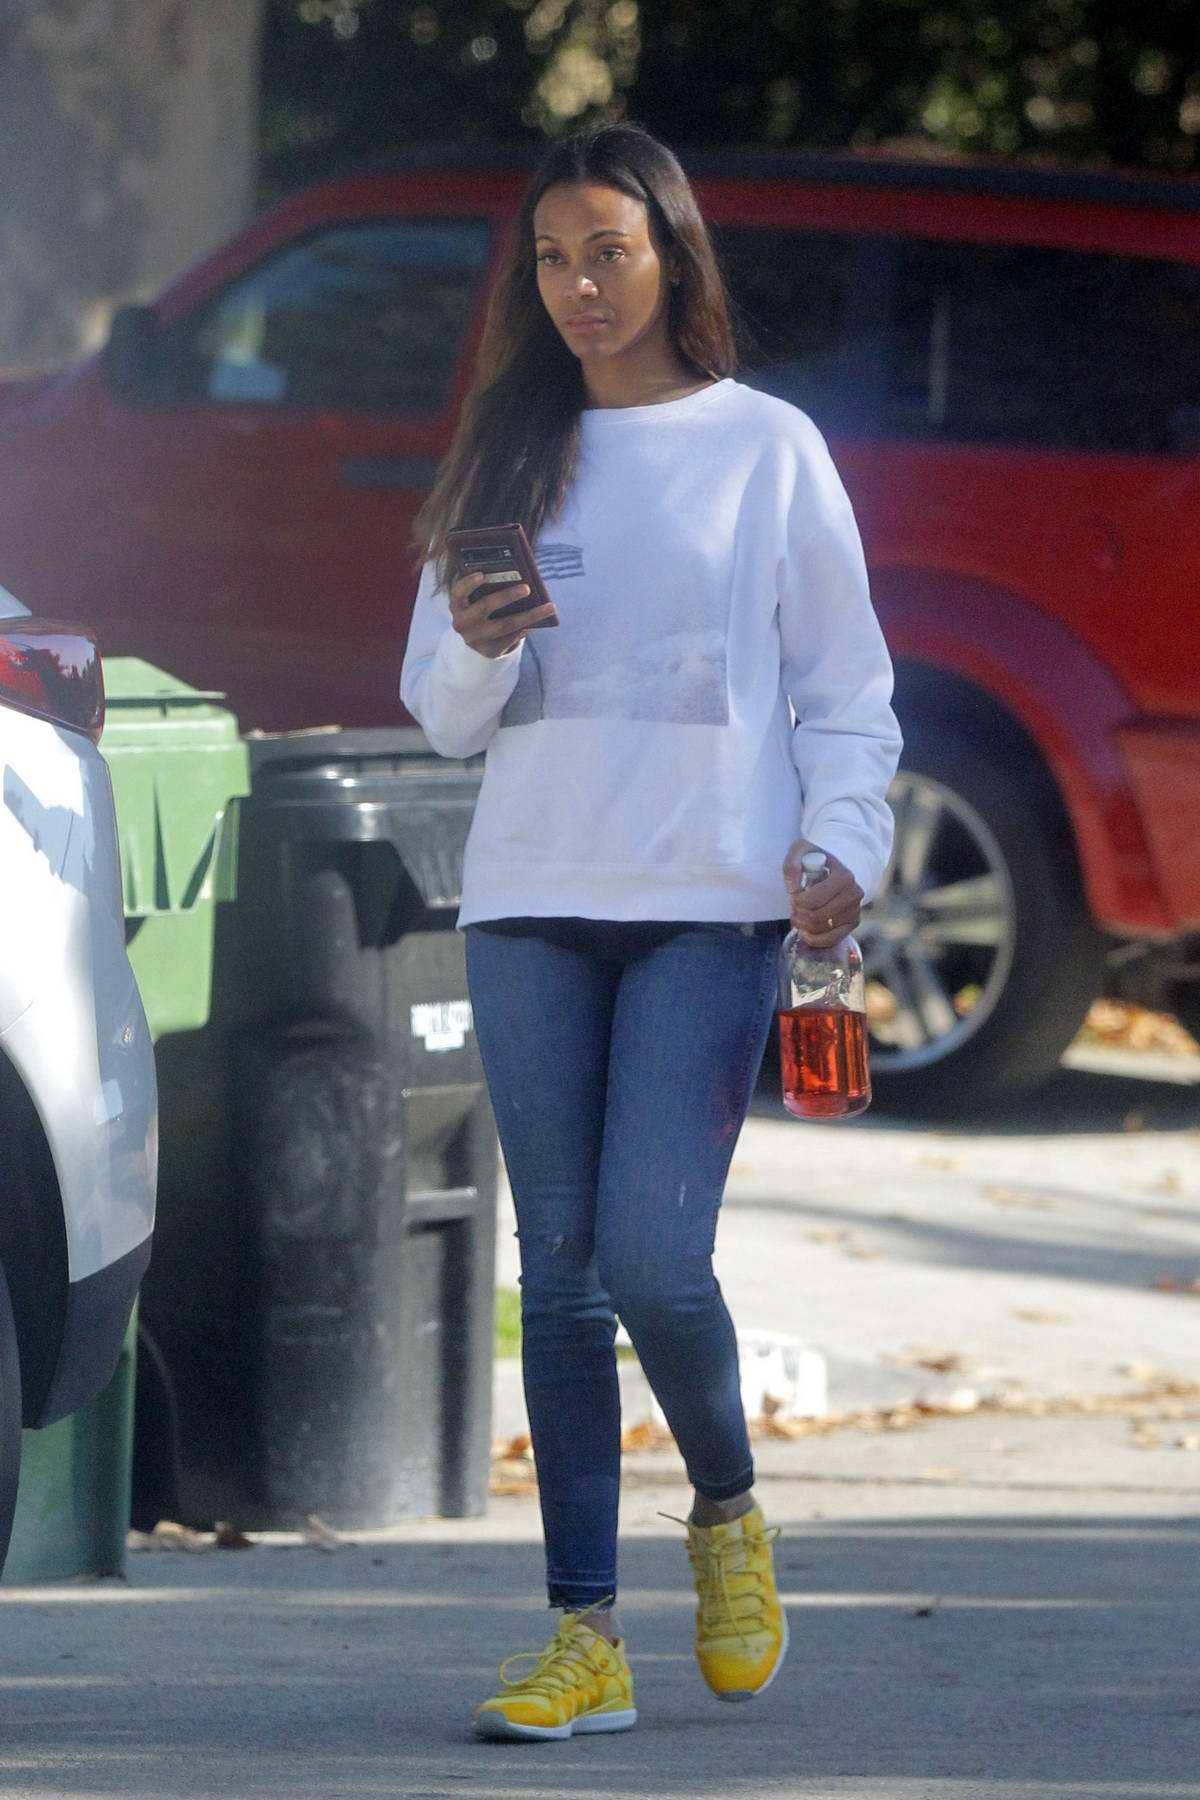 Zoe Saldana steps out makeup free as she runs a few errands in Beverly Hills, California